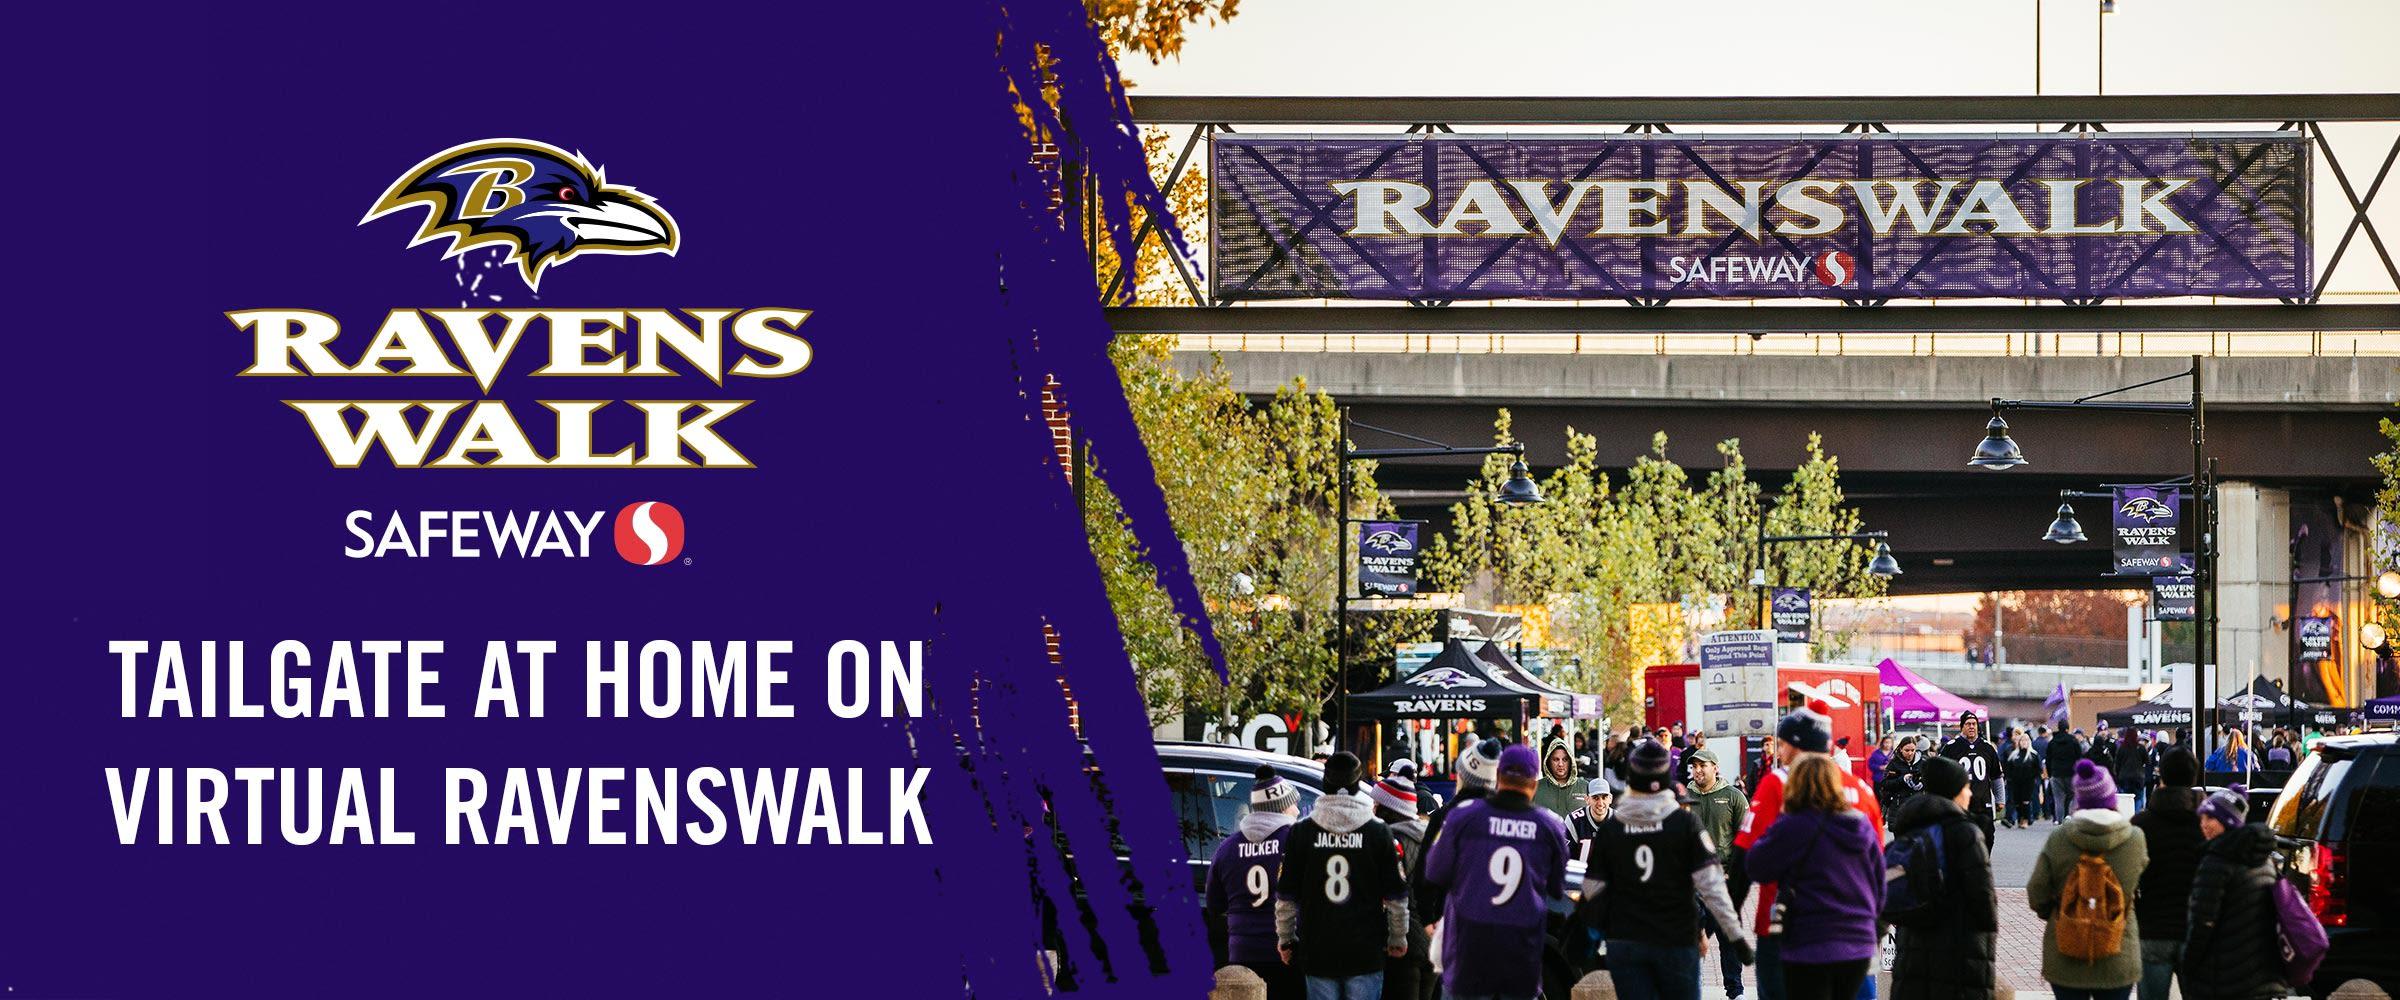 Visit RavensWalk